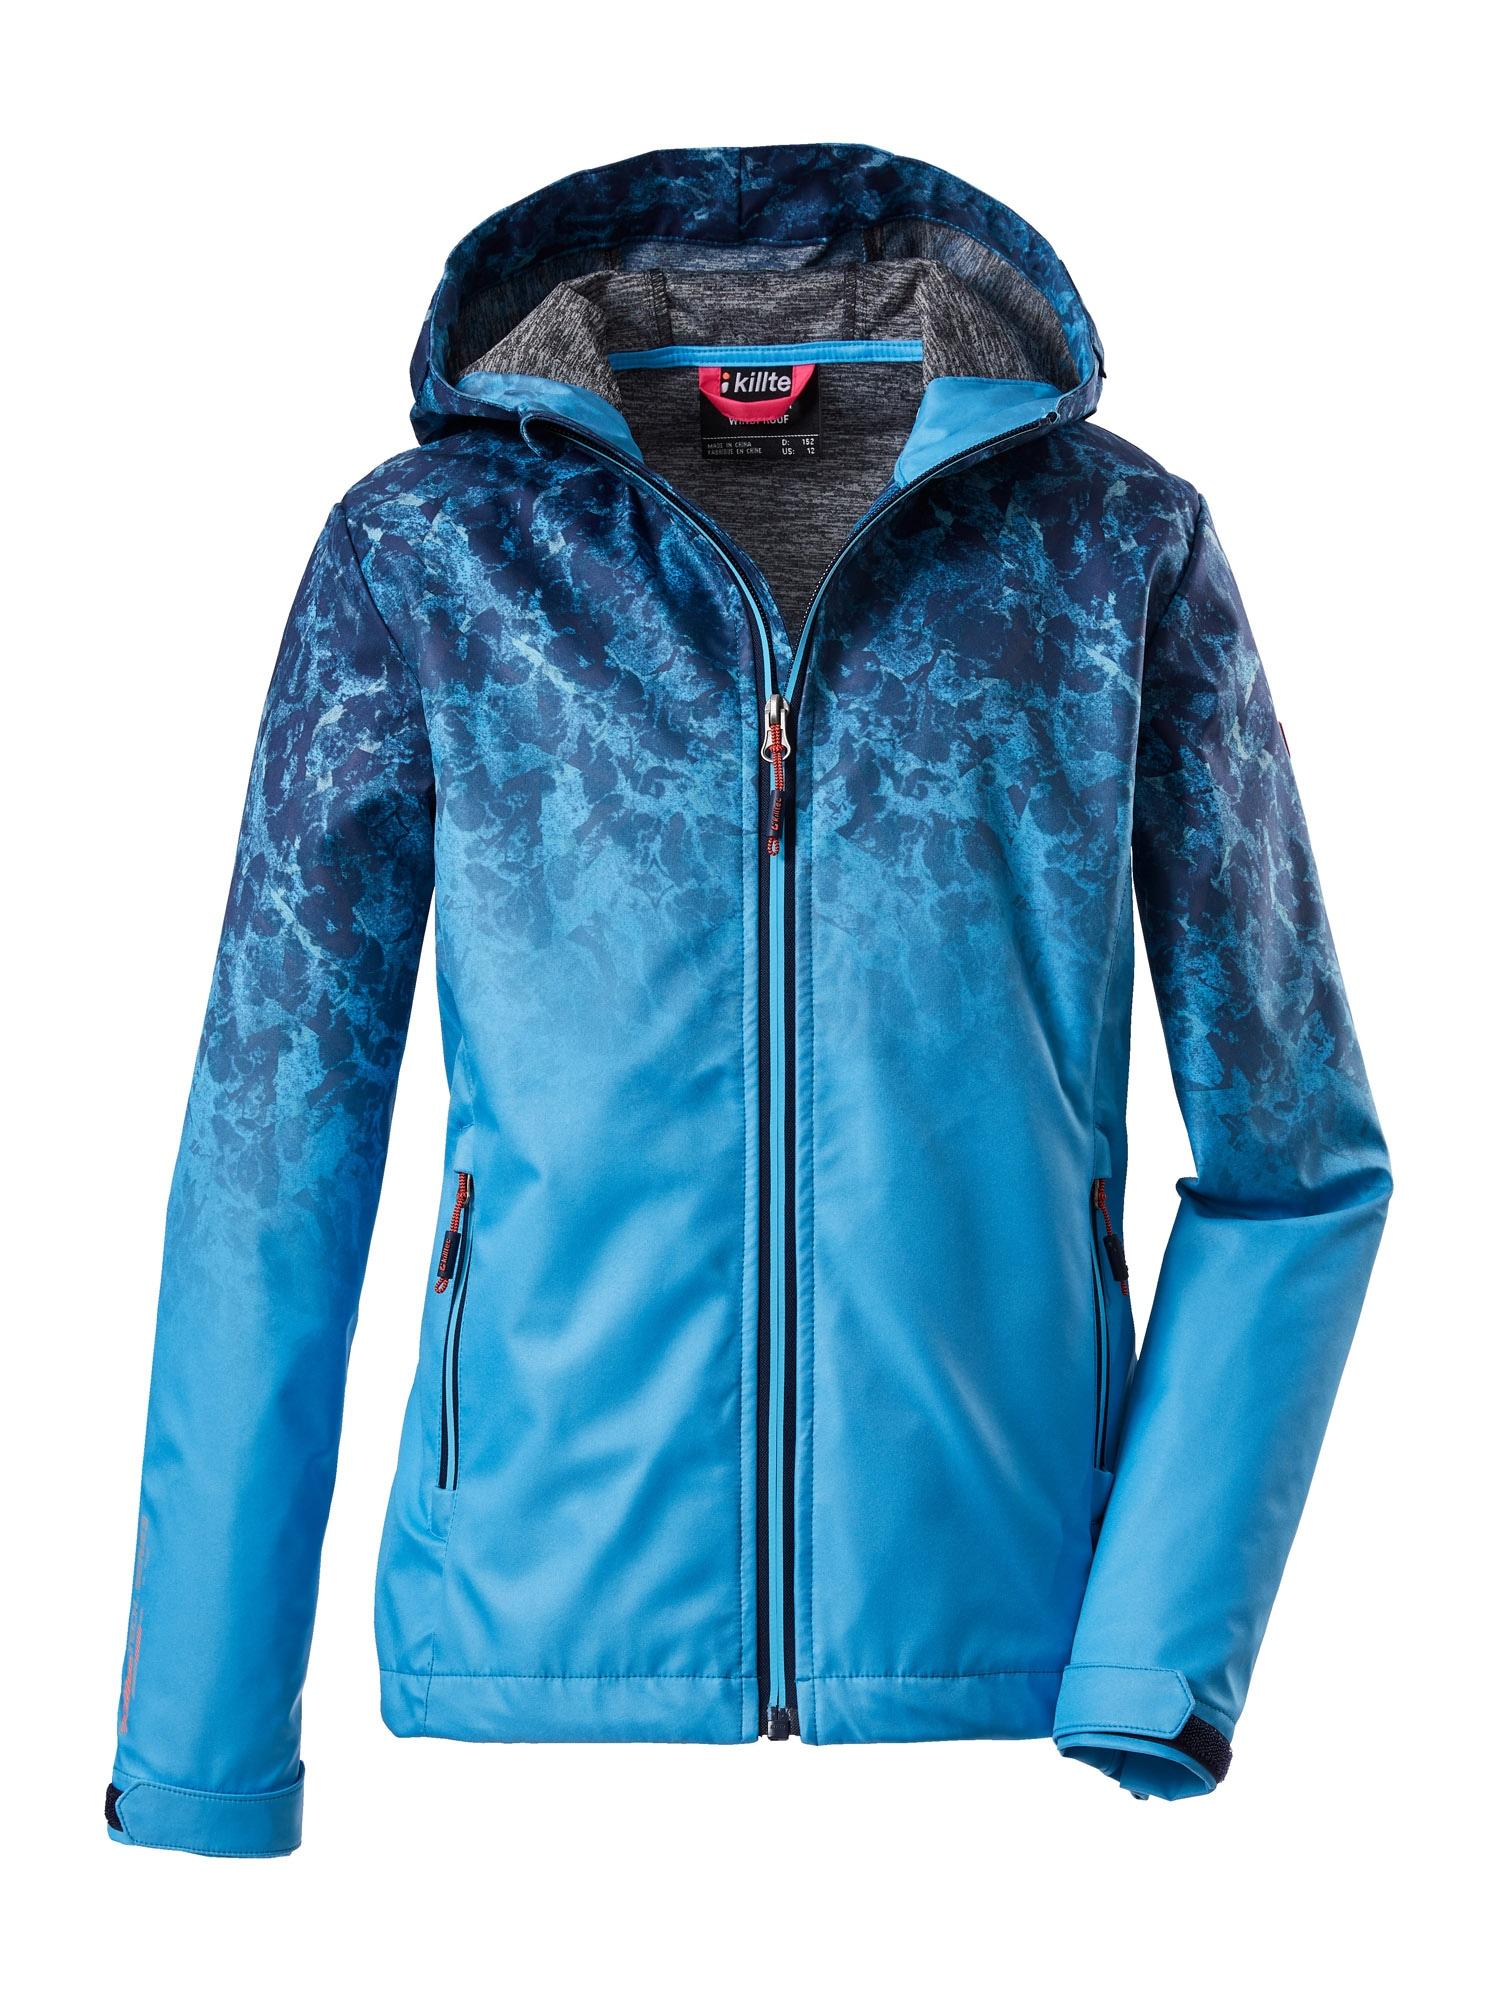 KILLTEC Laisvalaikio striukė 'Rodeny' turkio spalva / tamsiai mėlyna / indigo spalva